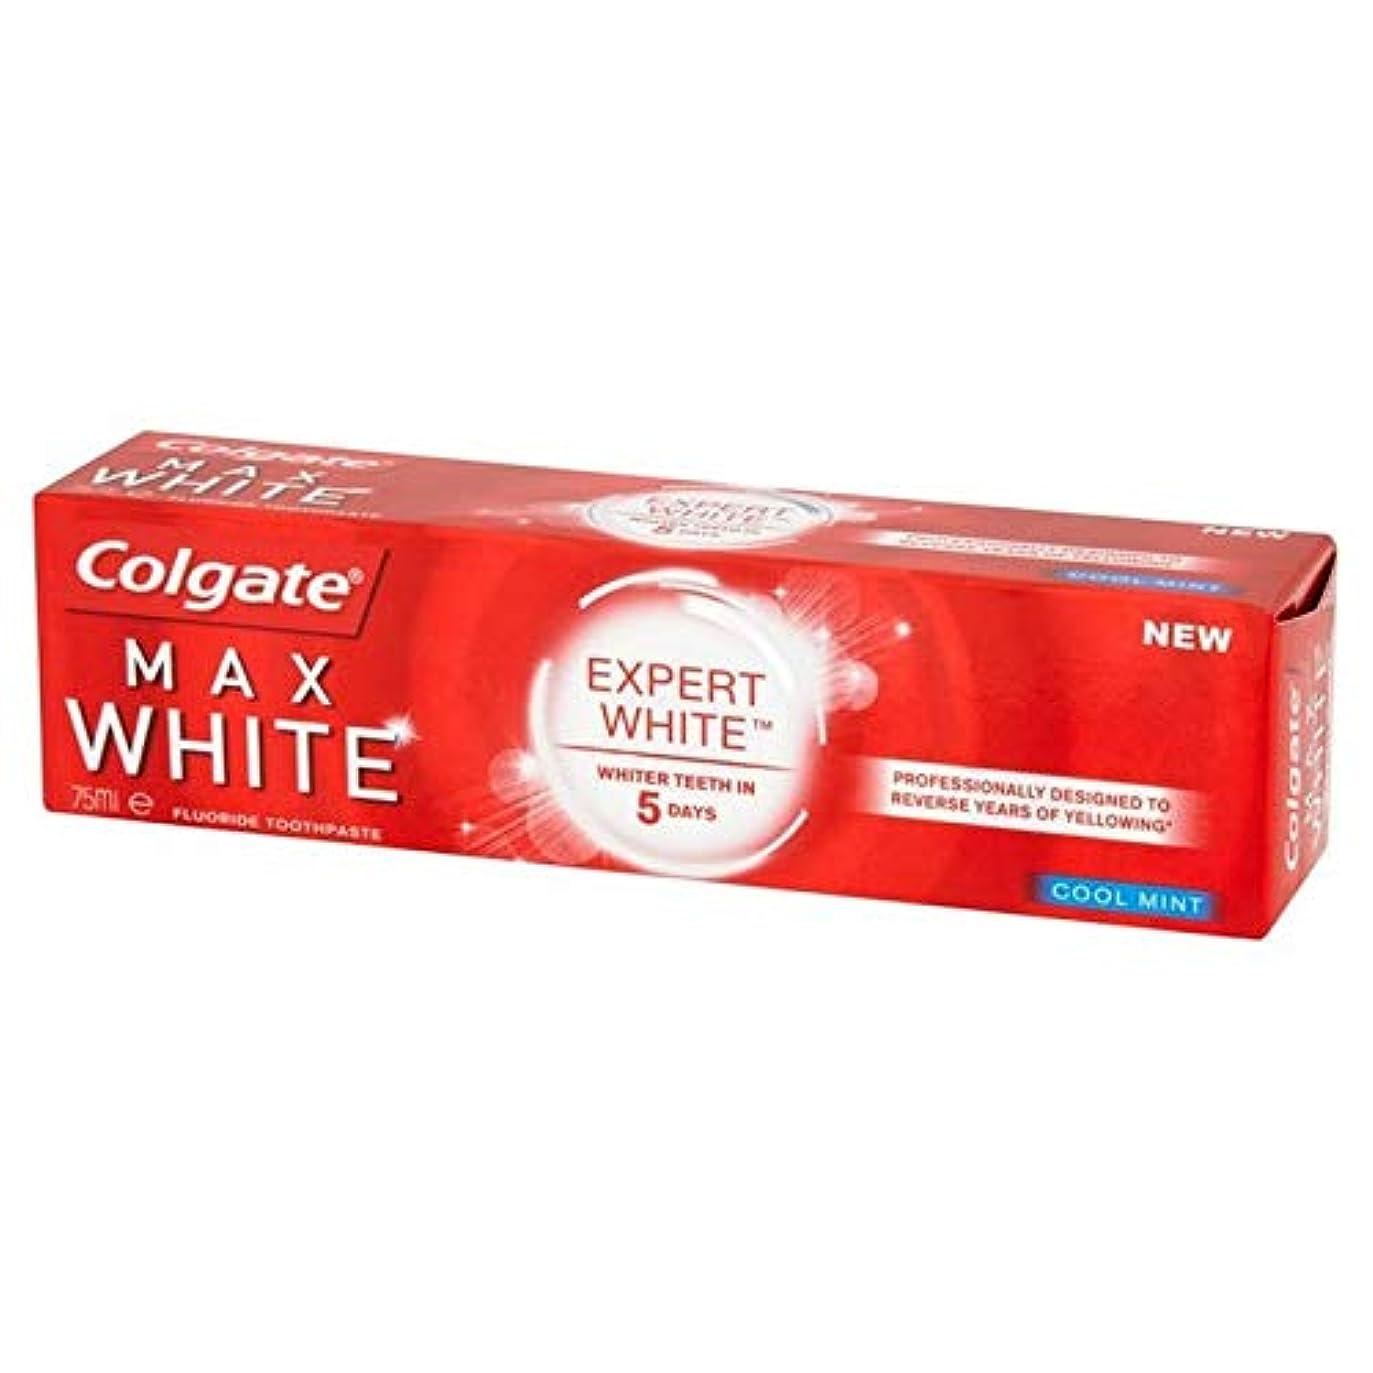 置換皮肉なベスト[Colgate ] コルゲート最大白の専門家クールミントホワイトニング歯磨き粉75ミリリットル - Colgate Max White Expert Cool Mint Whitening Toothpaste 75ml [並行輸入品]